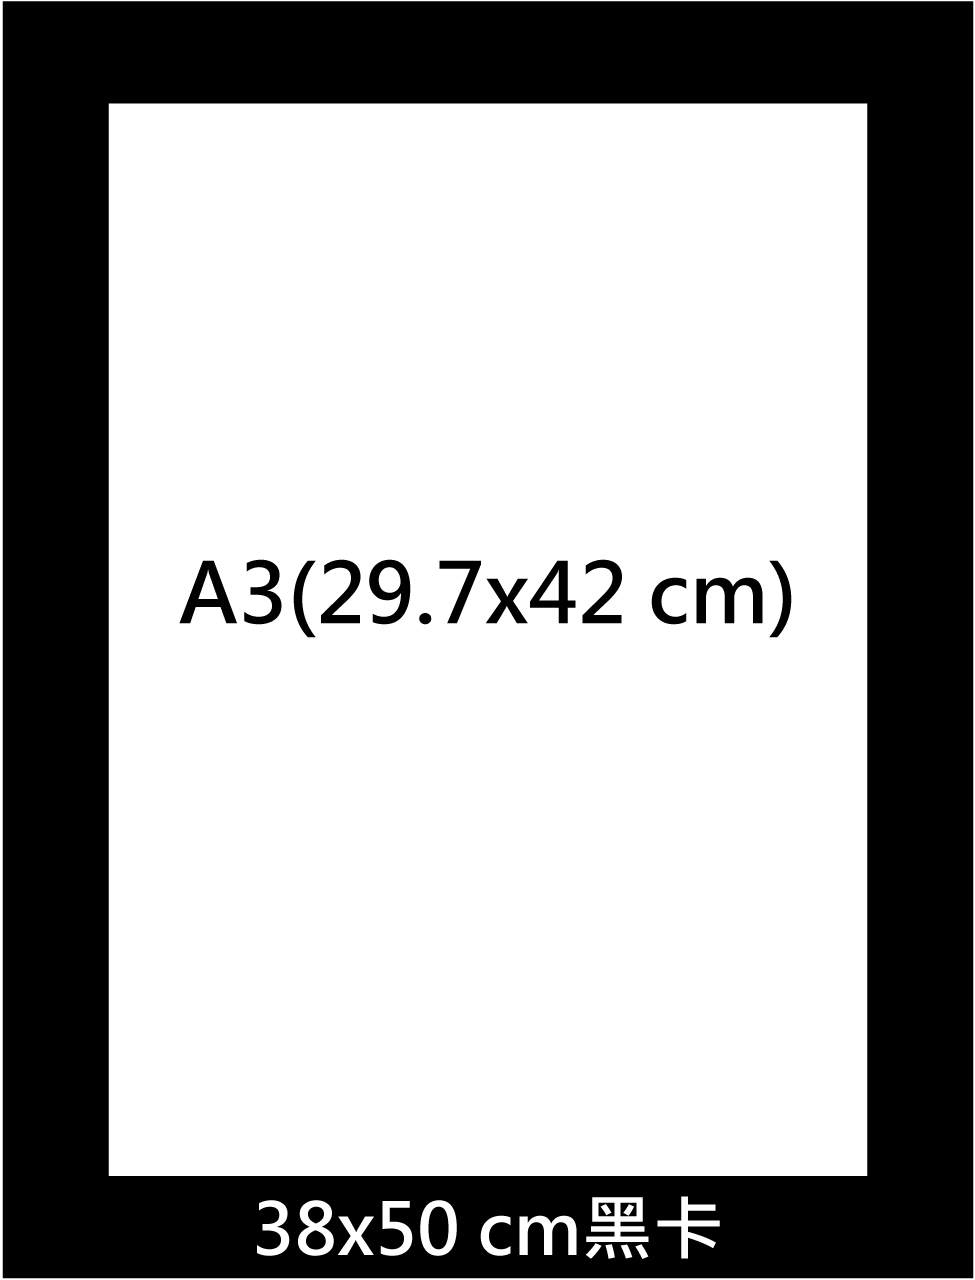 請將A3原稿作品貼於38 x 50cm之黑色卡紙上,並列印出報名表(見附件)黏貼於黑色卡紙背面